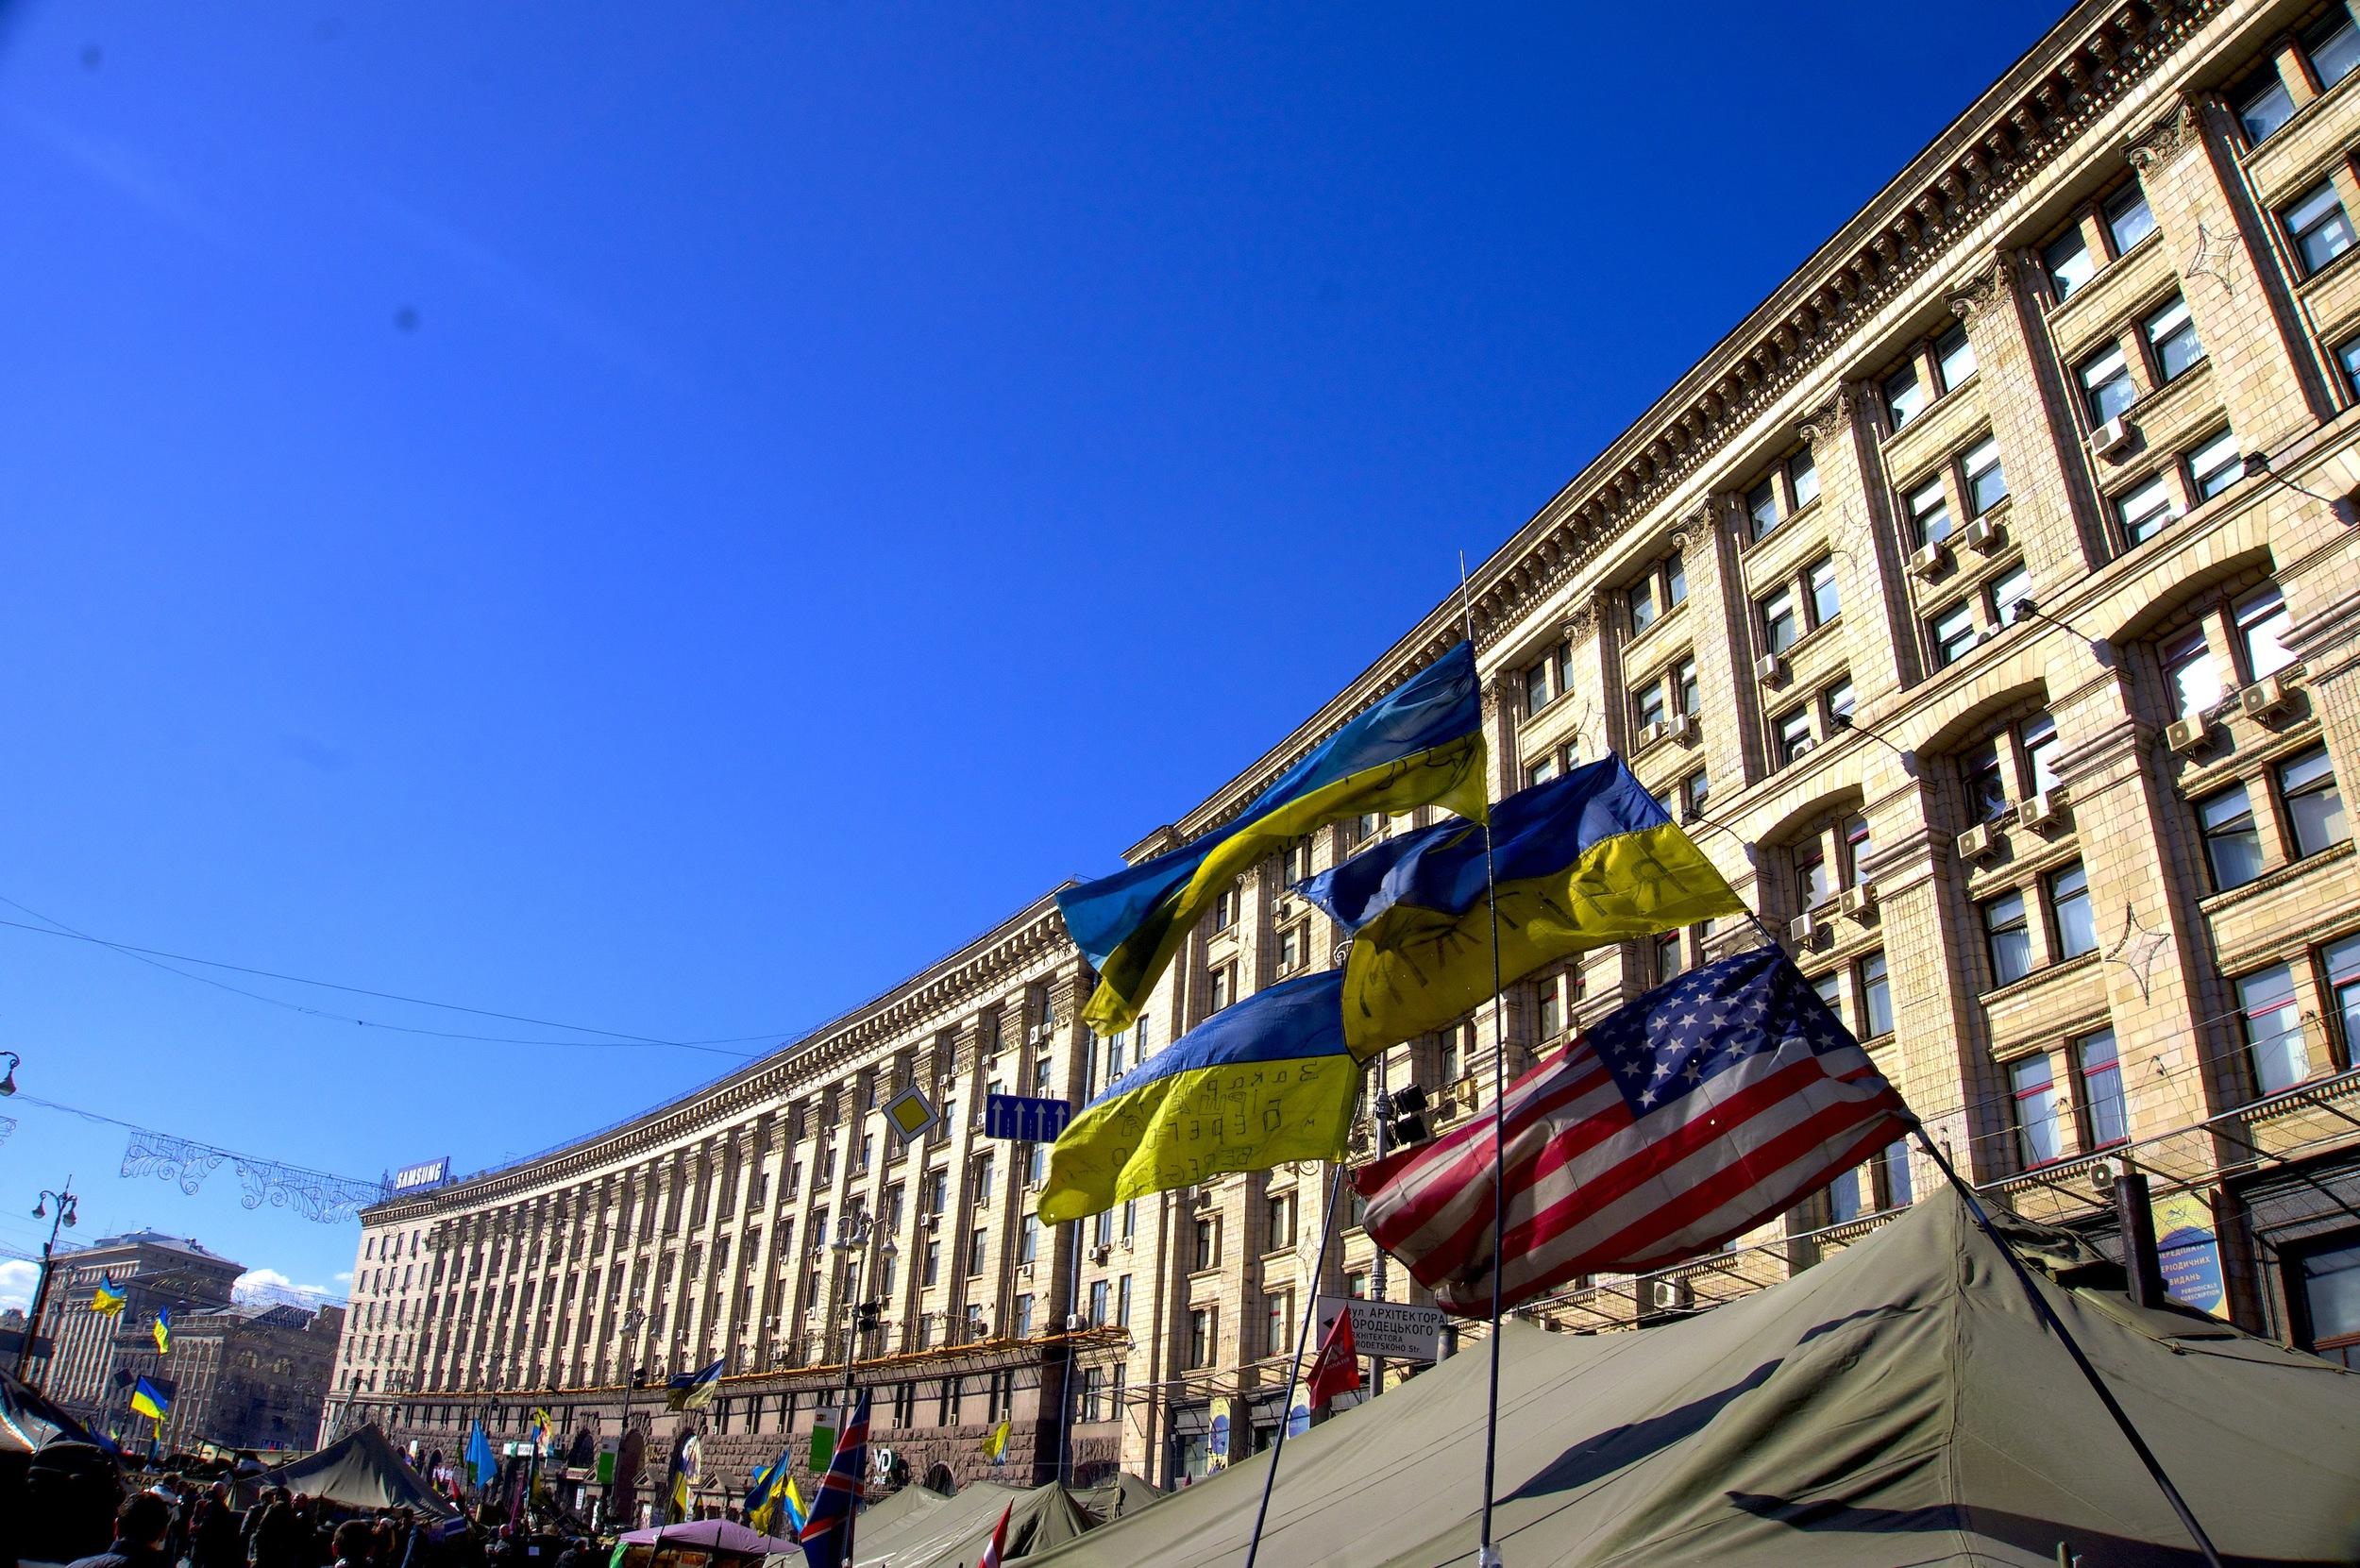 US FLAG KIEV.jpg